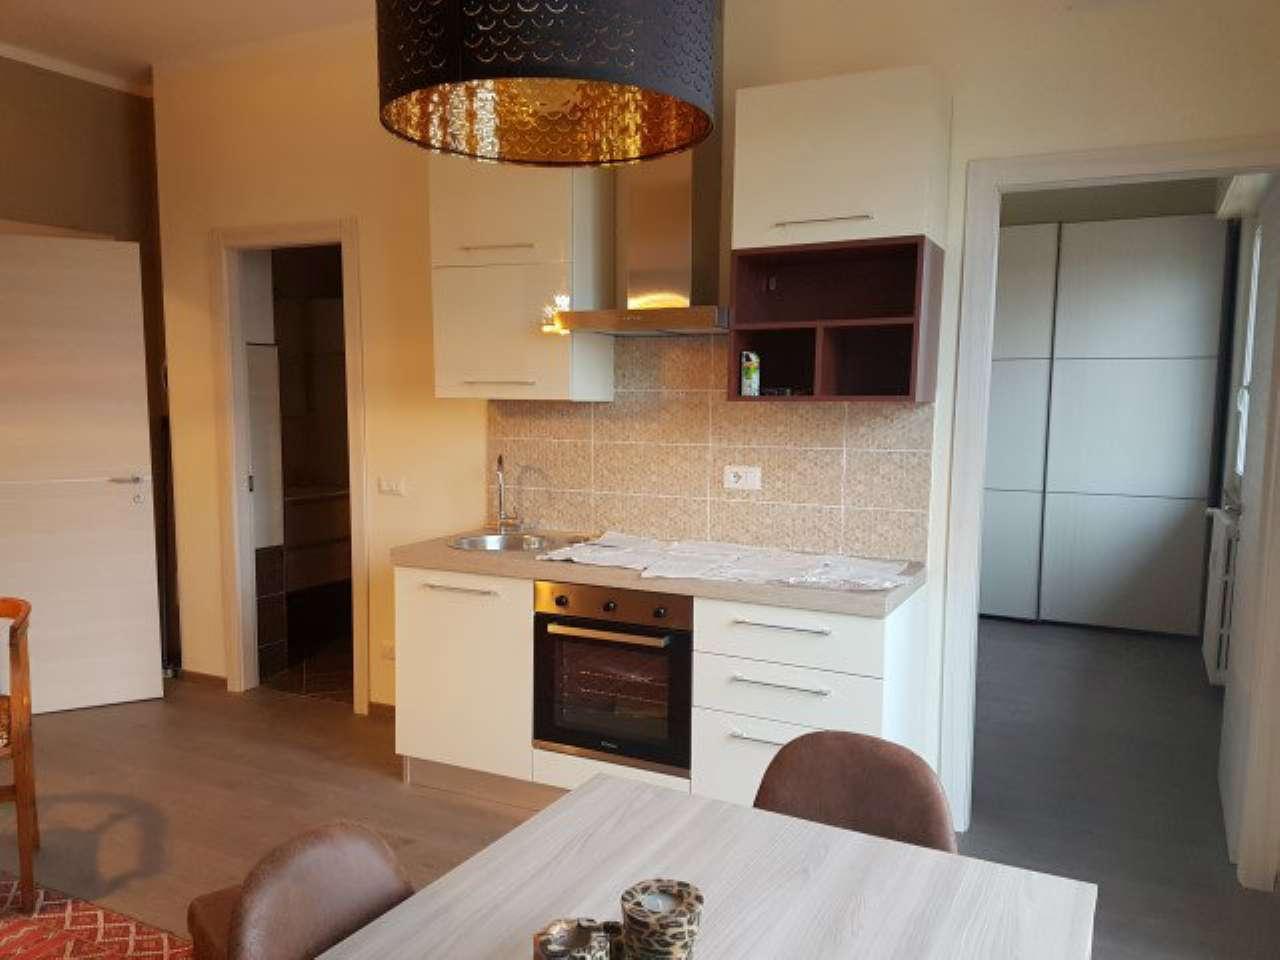 Appartamento in affitto a Arezzo, 1 locali, prezzo € 550 | CambioCasa.it